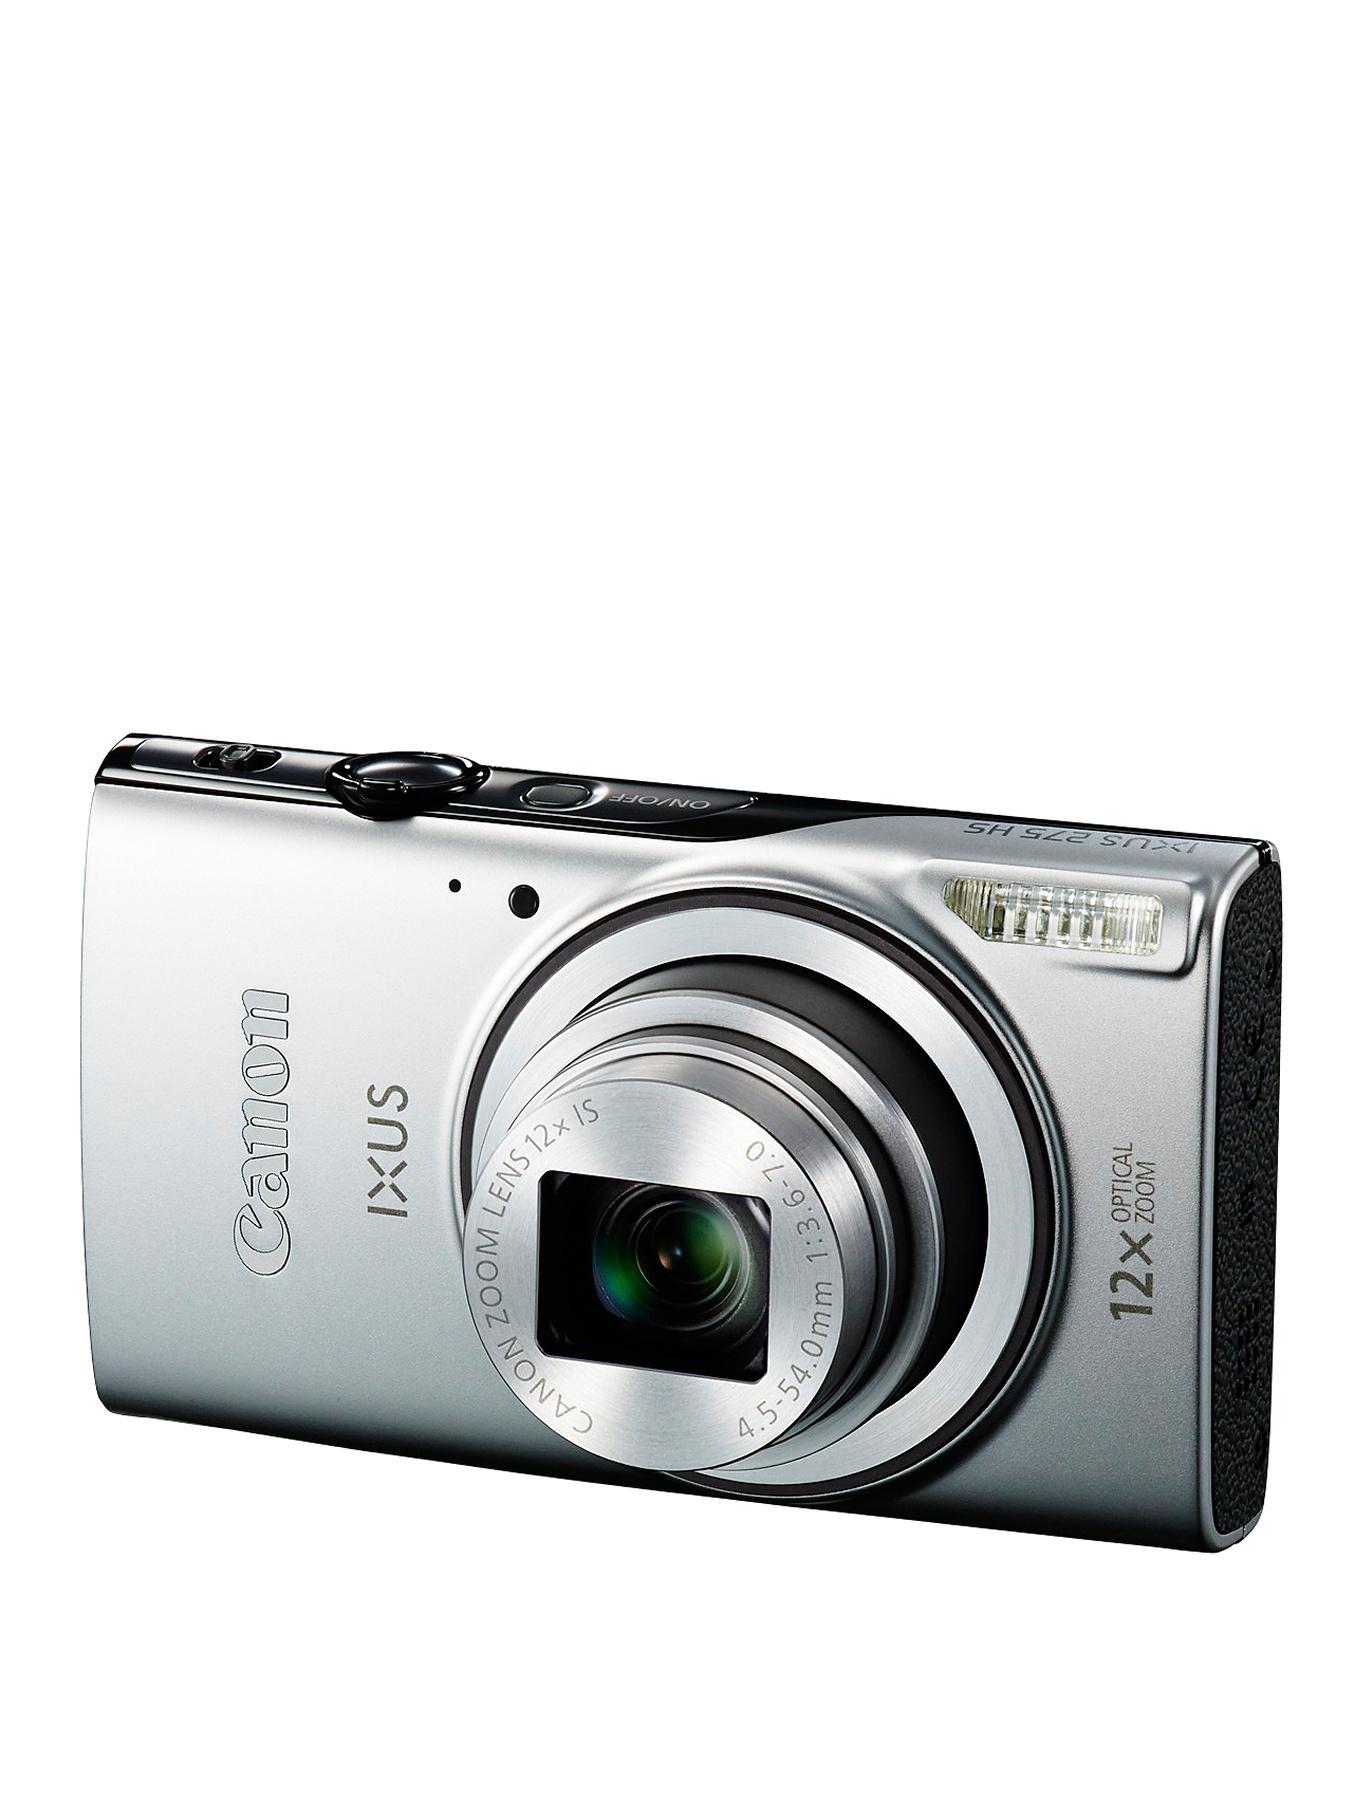 Canon IXUS 275 HS - Silver - Silver, Silver